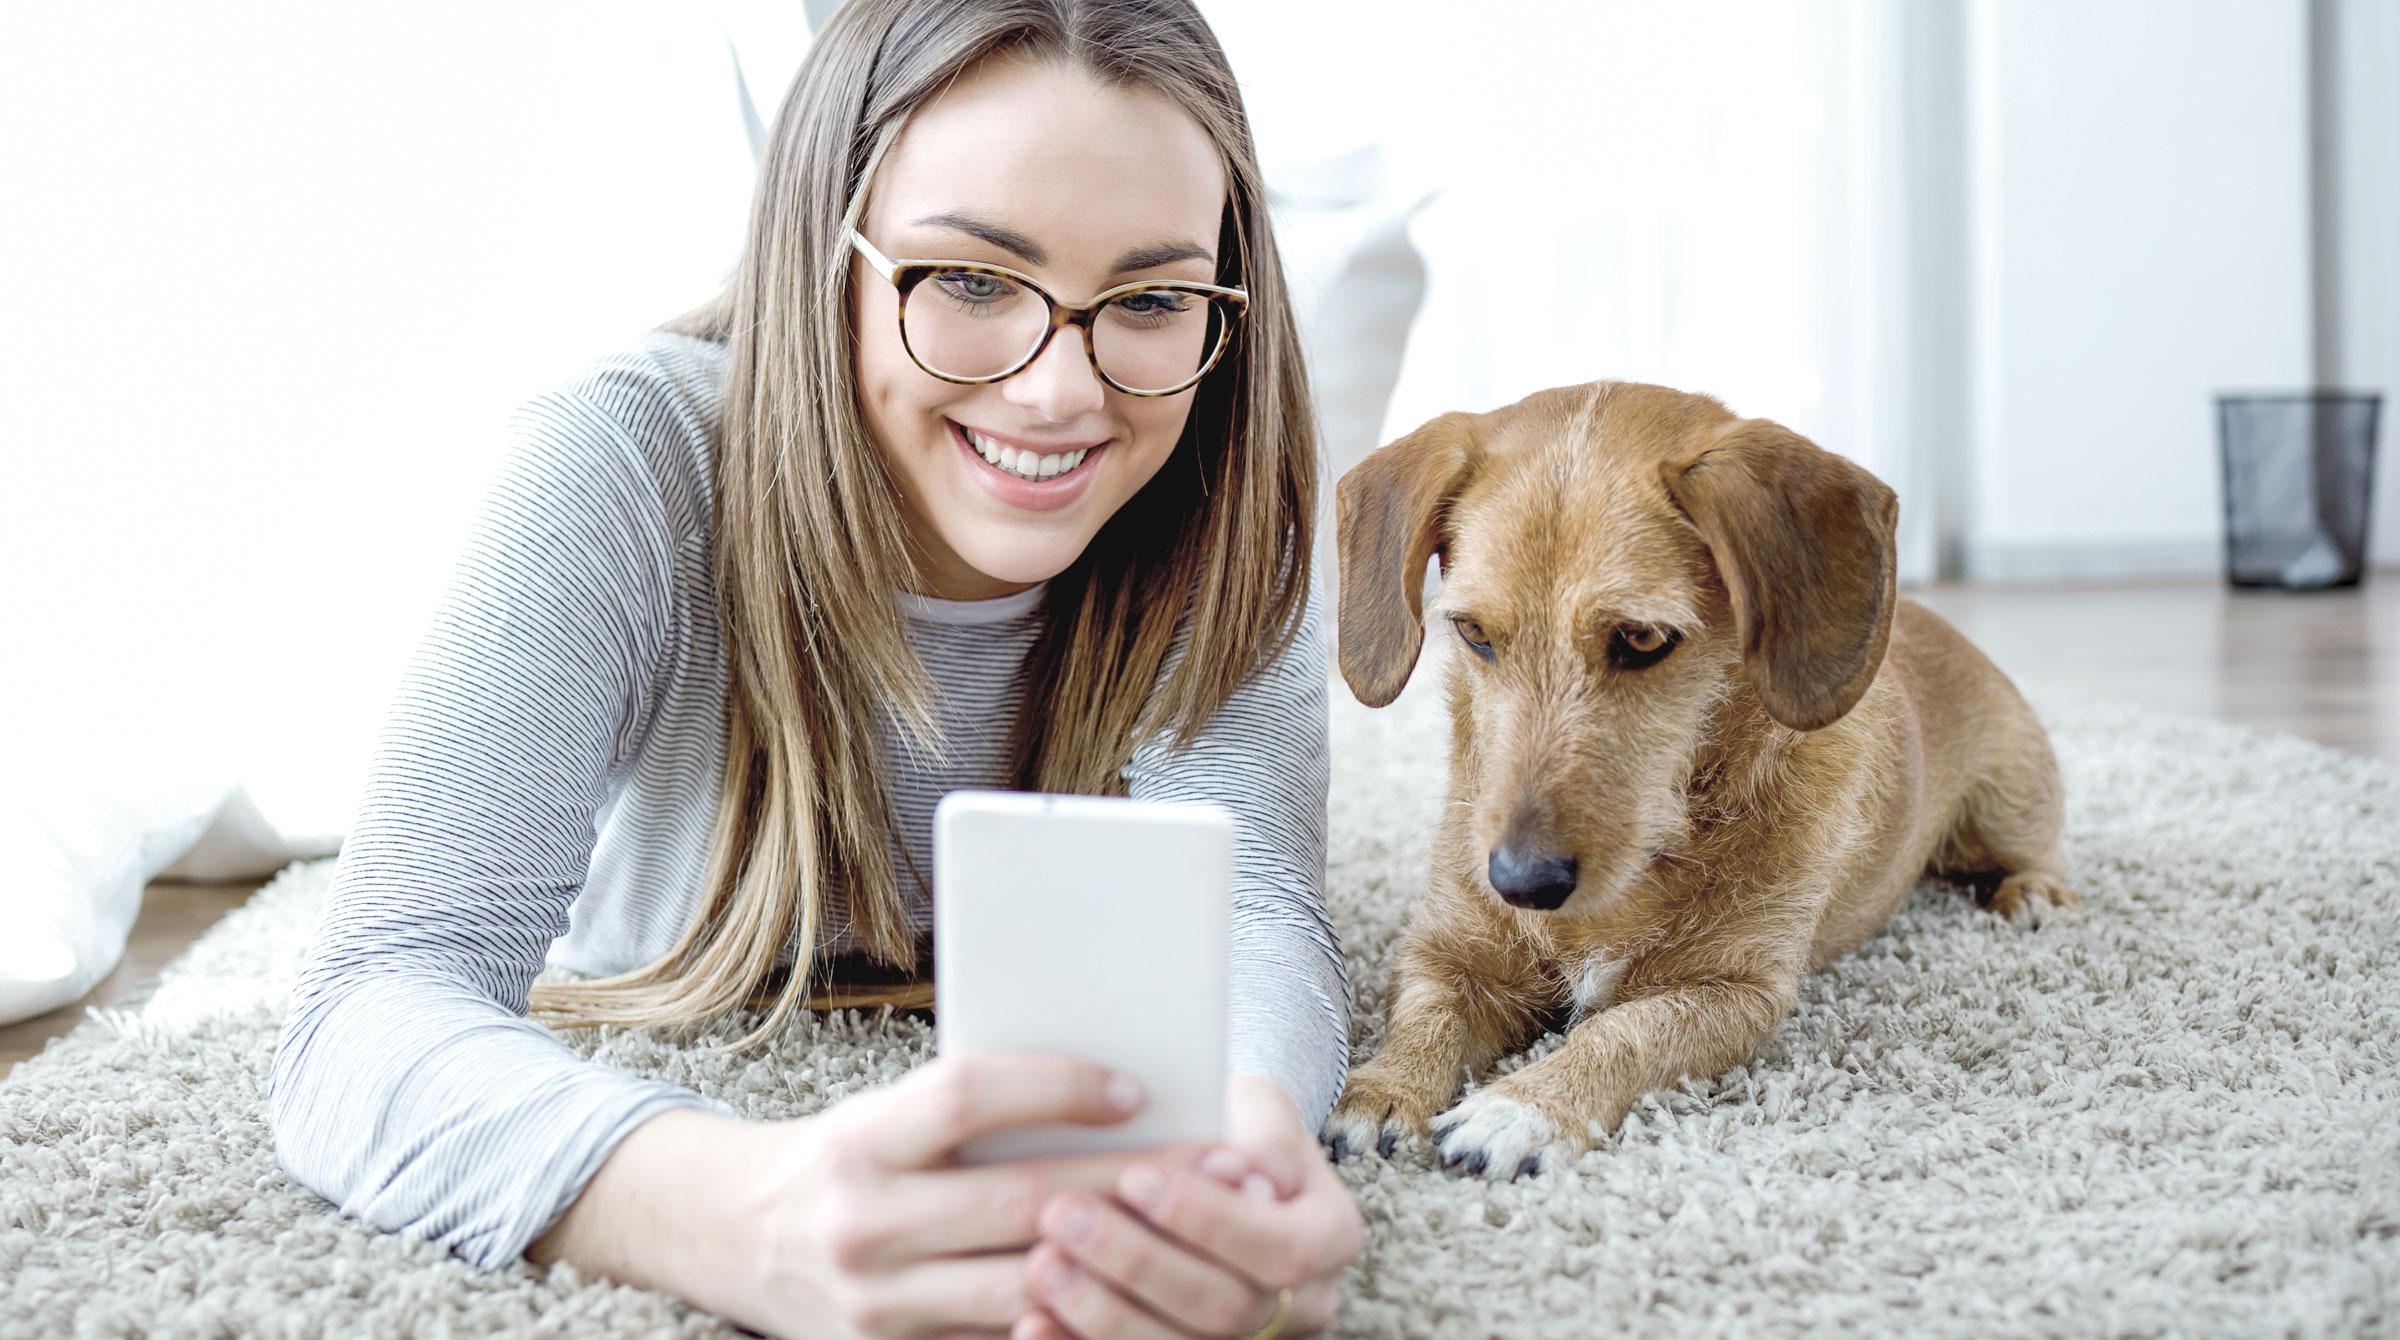 Introbild Ratgeber Tierhalterhaftpflicht